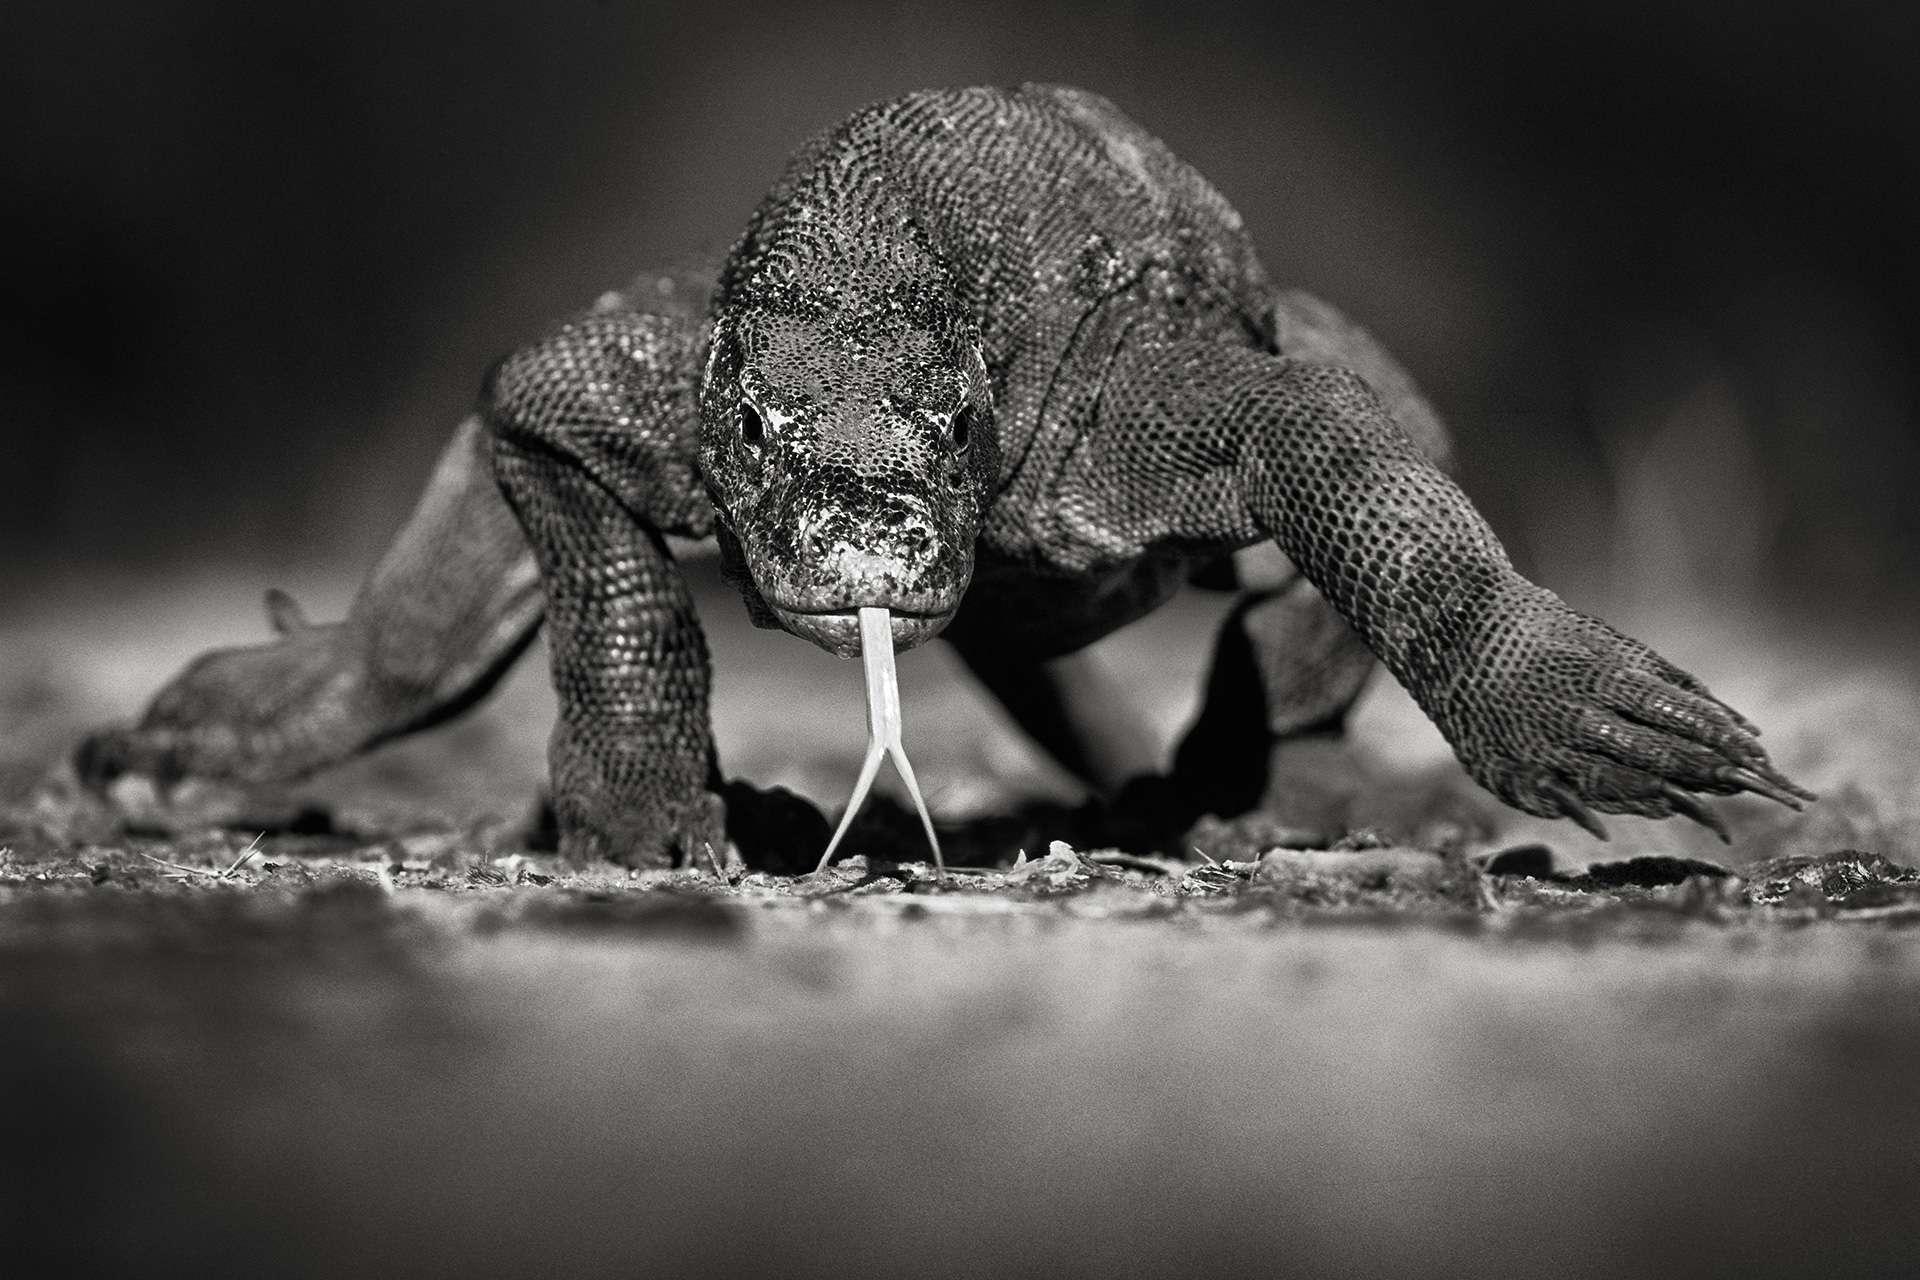 Photographie de Gilles Martin : varan de Komodo, Struggle for life